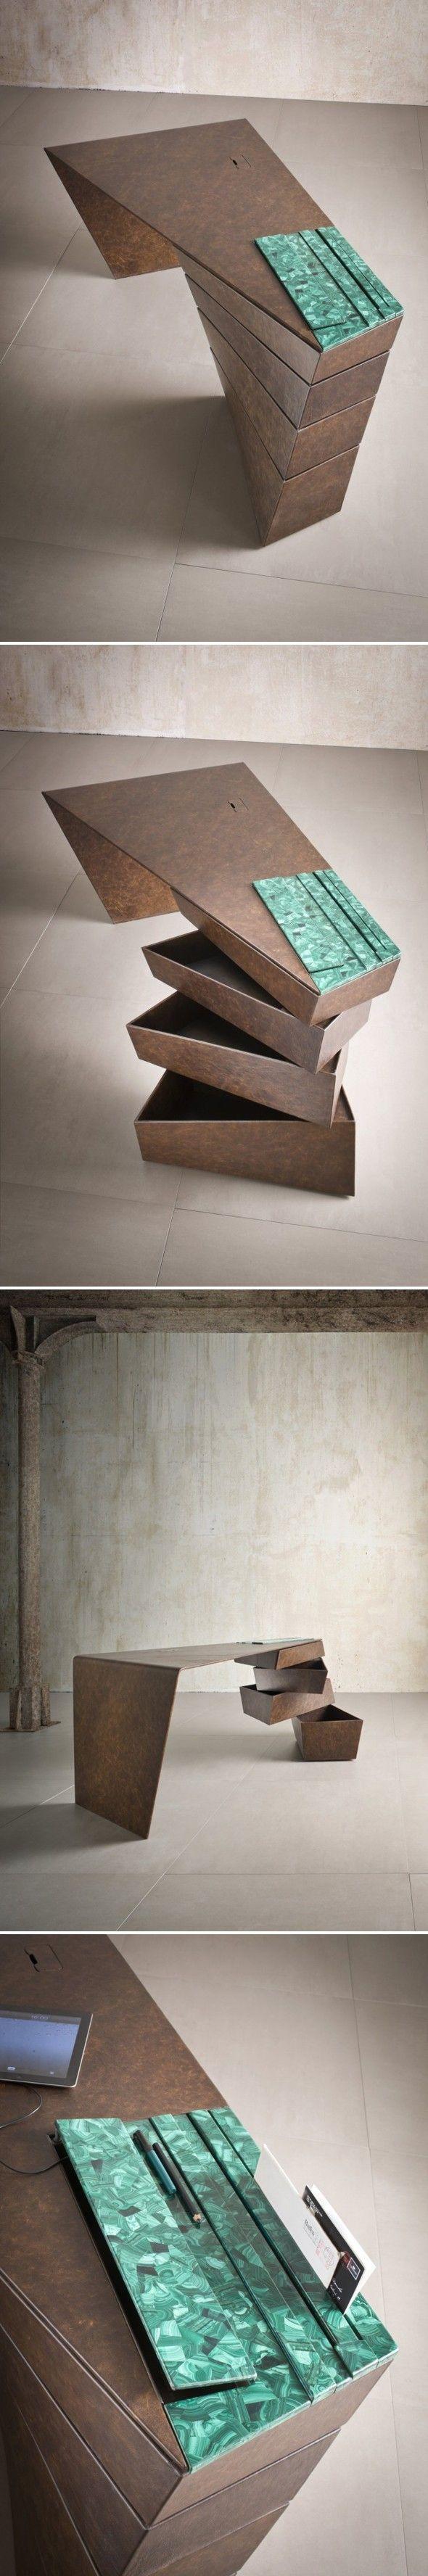 ♂ Unique home furniture table Torque IM Lab - Journal of Design